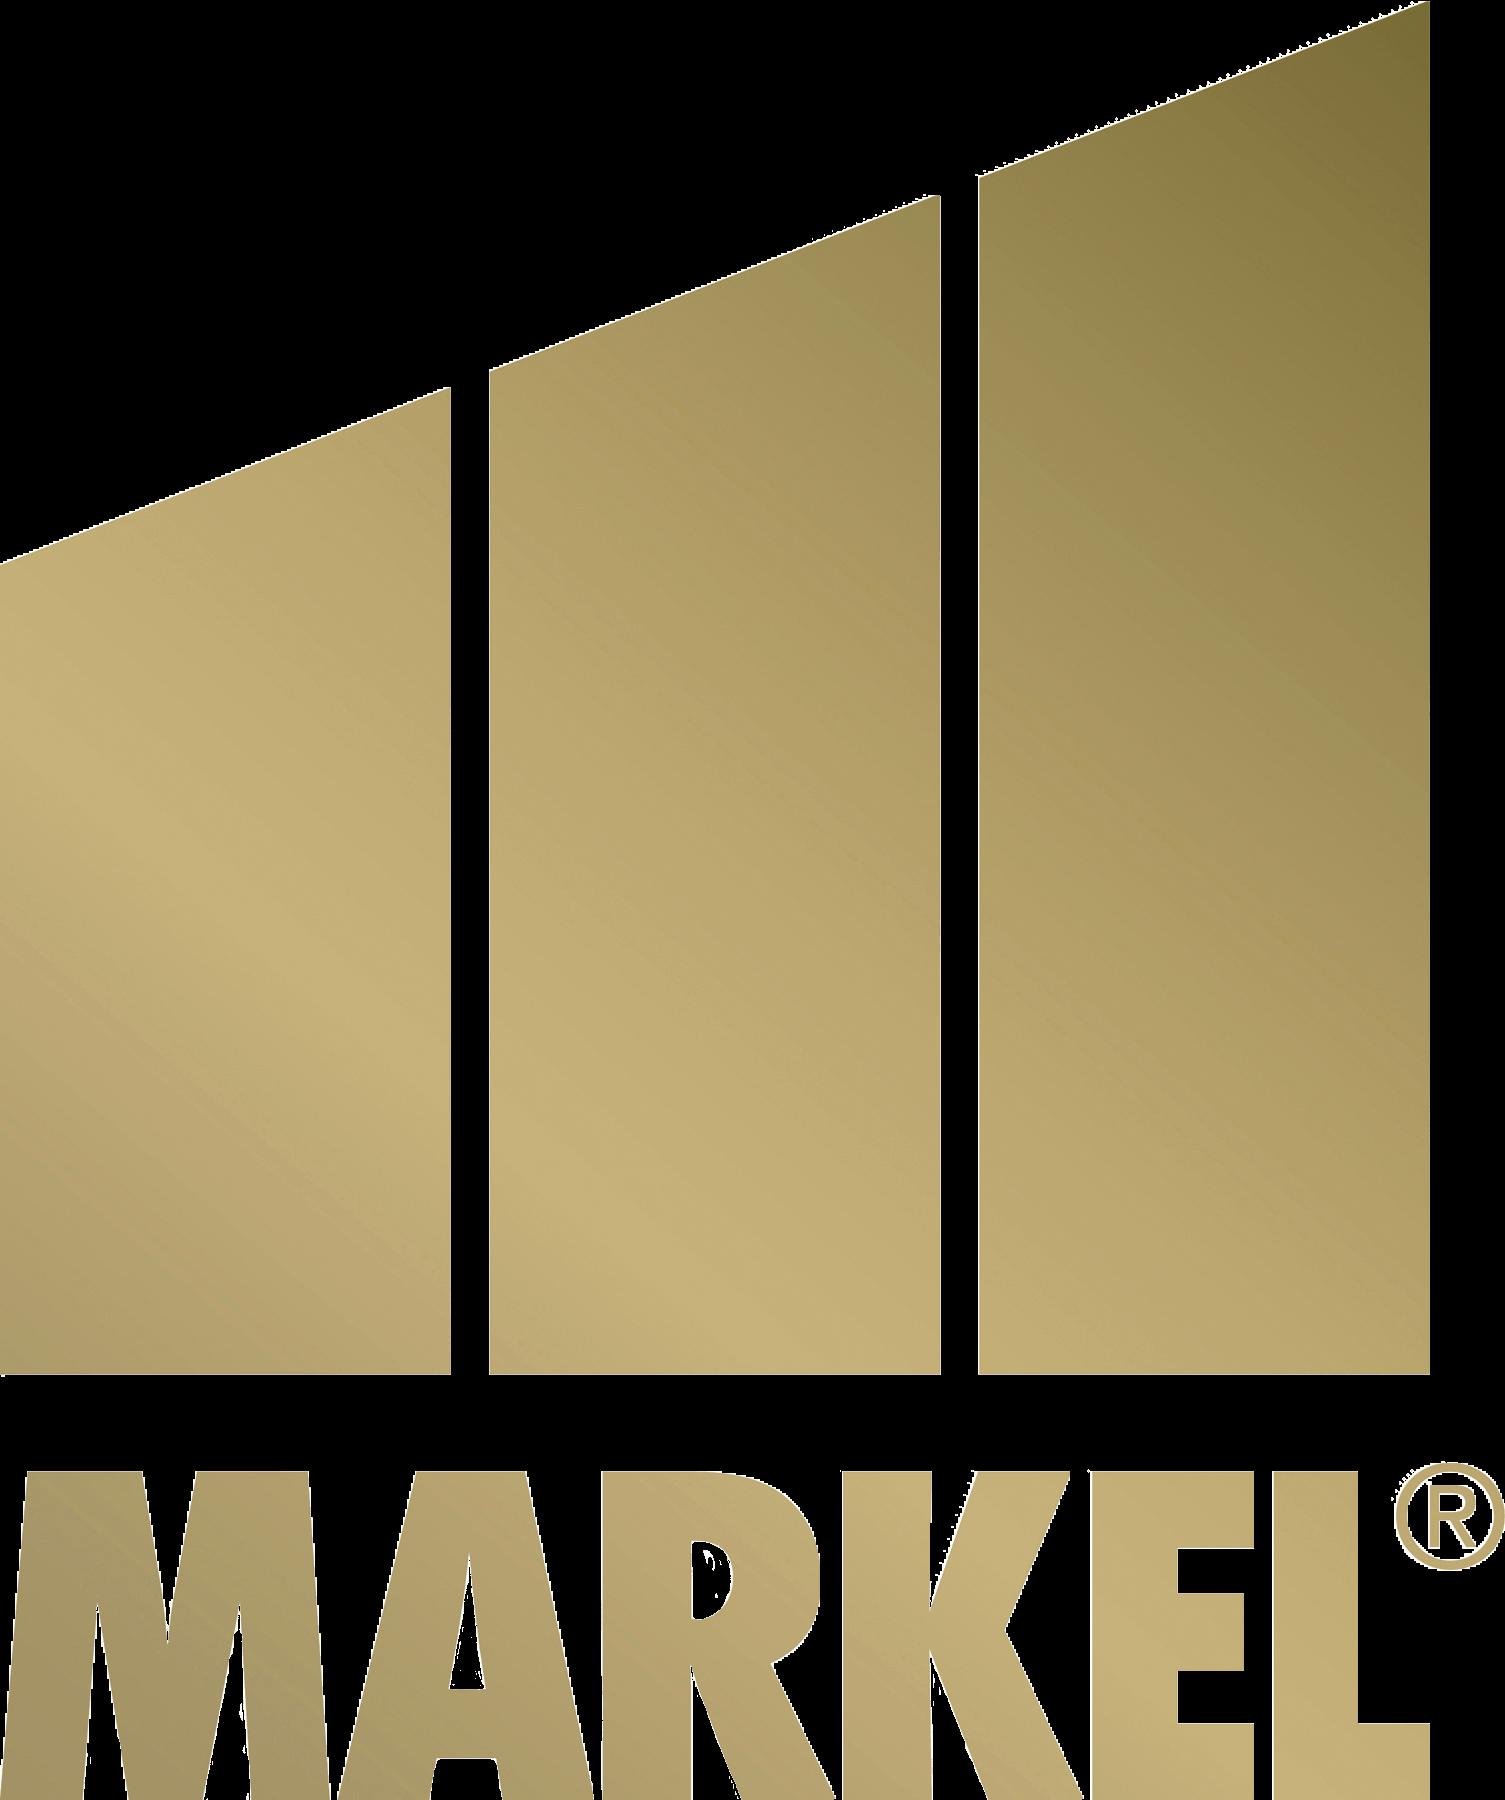 Markel.png